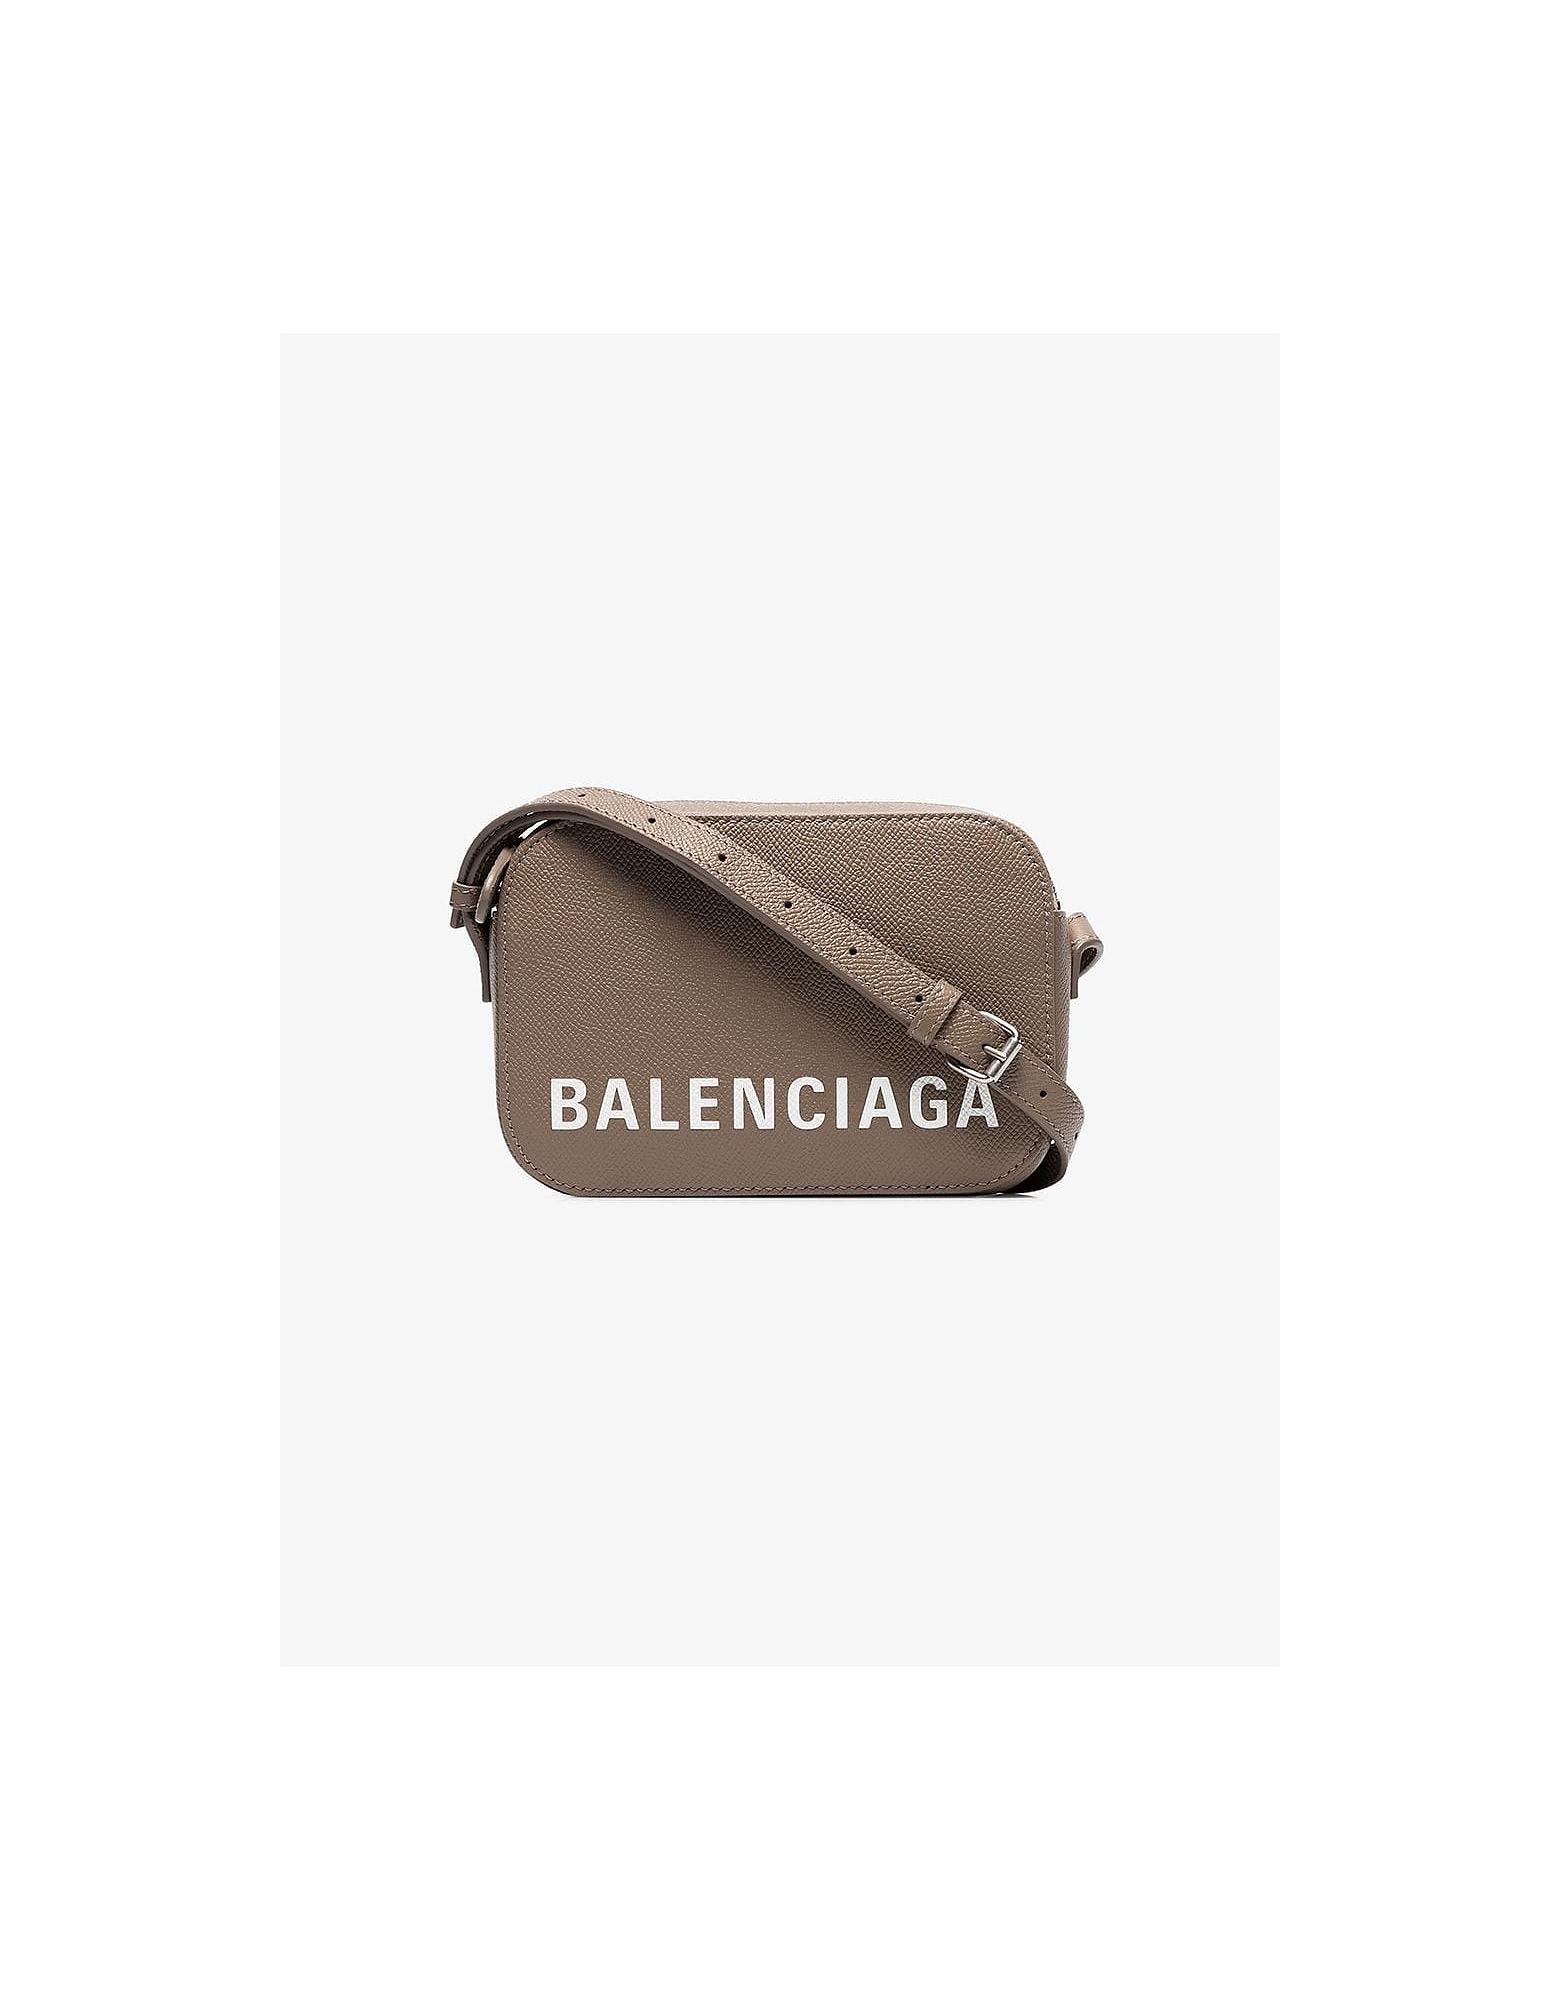 Balenciaga Bags GREY VILLE CAMERA BAG